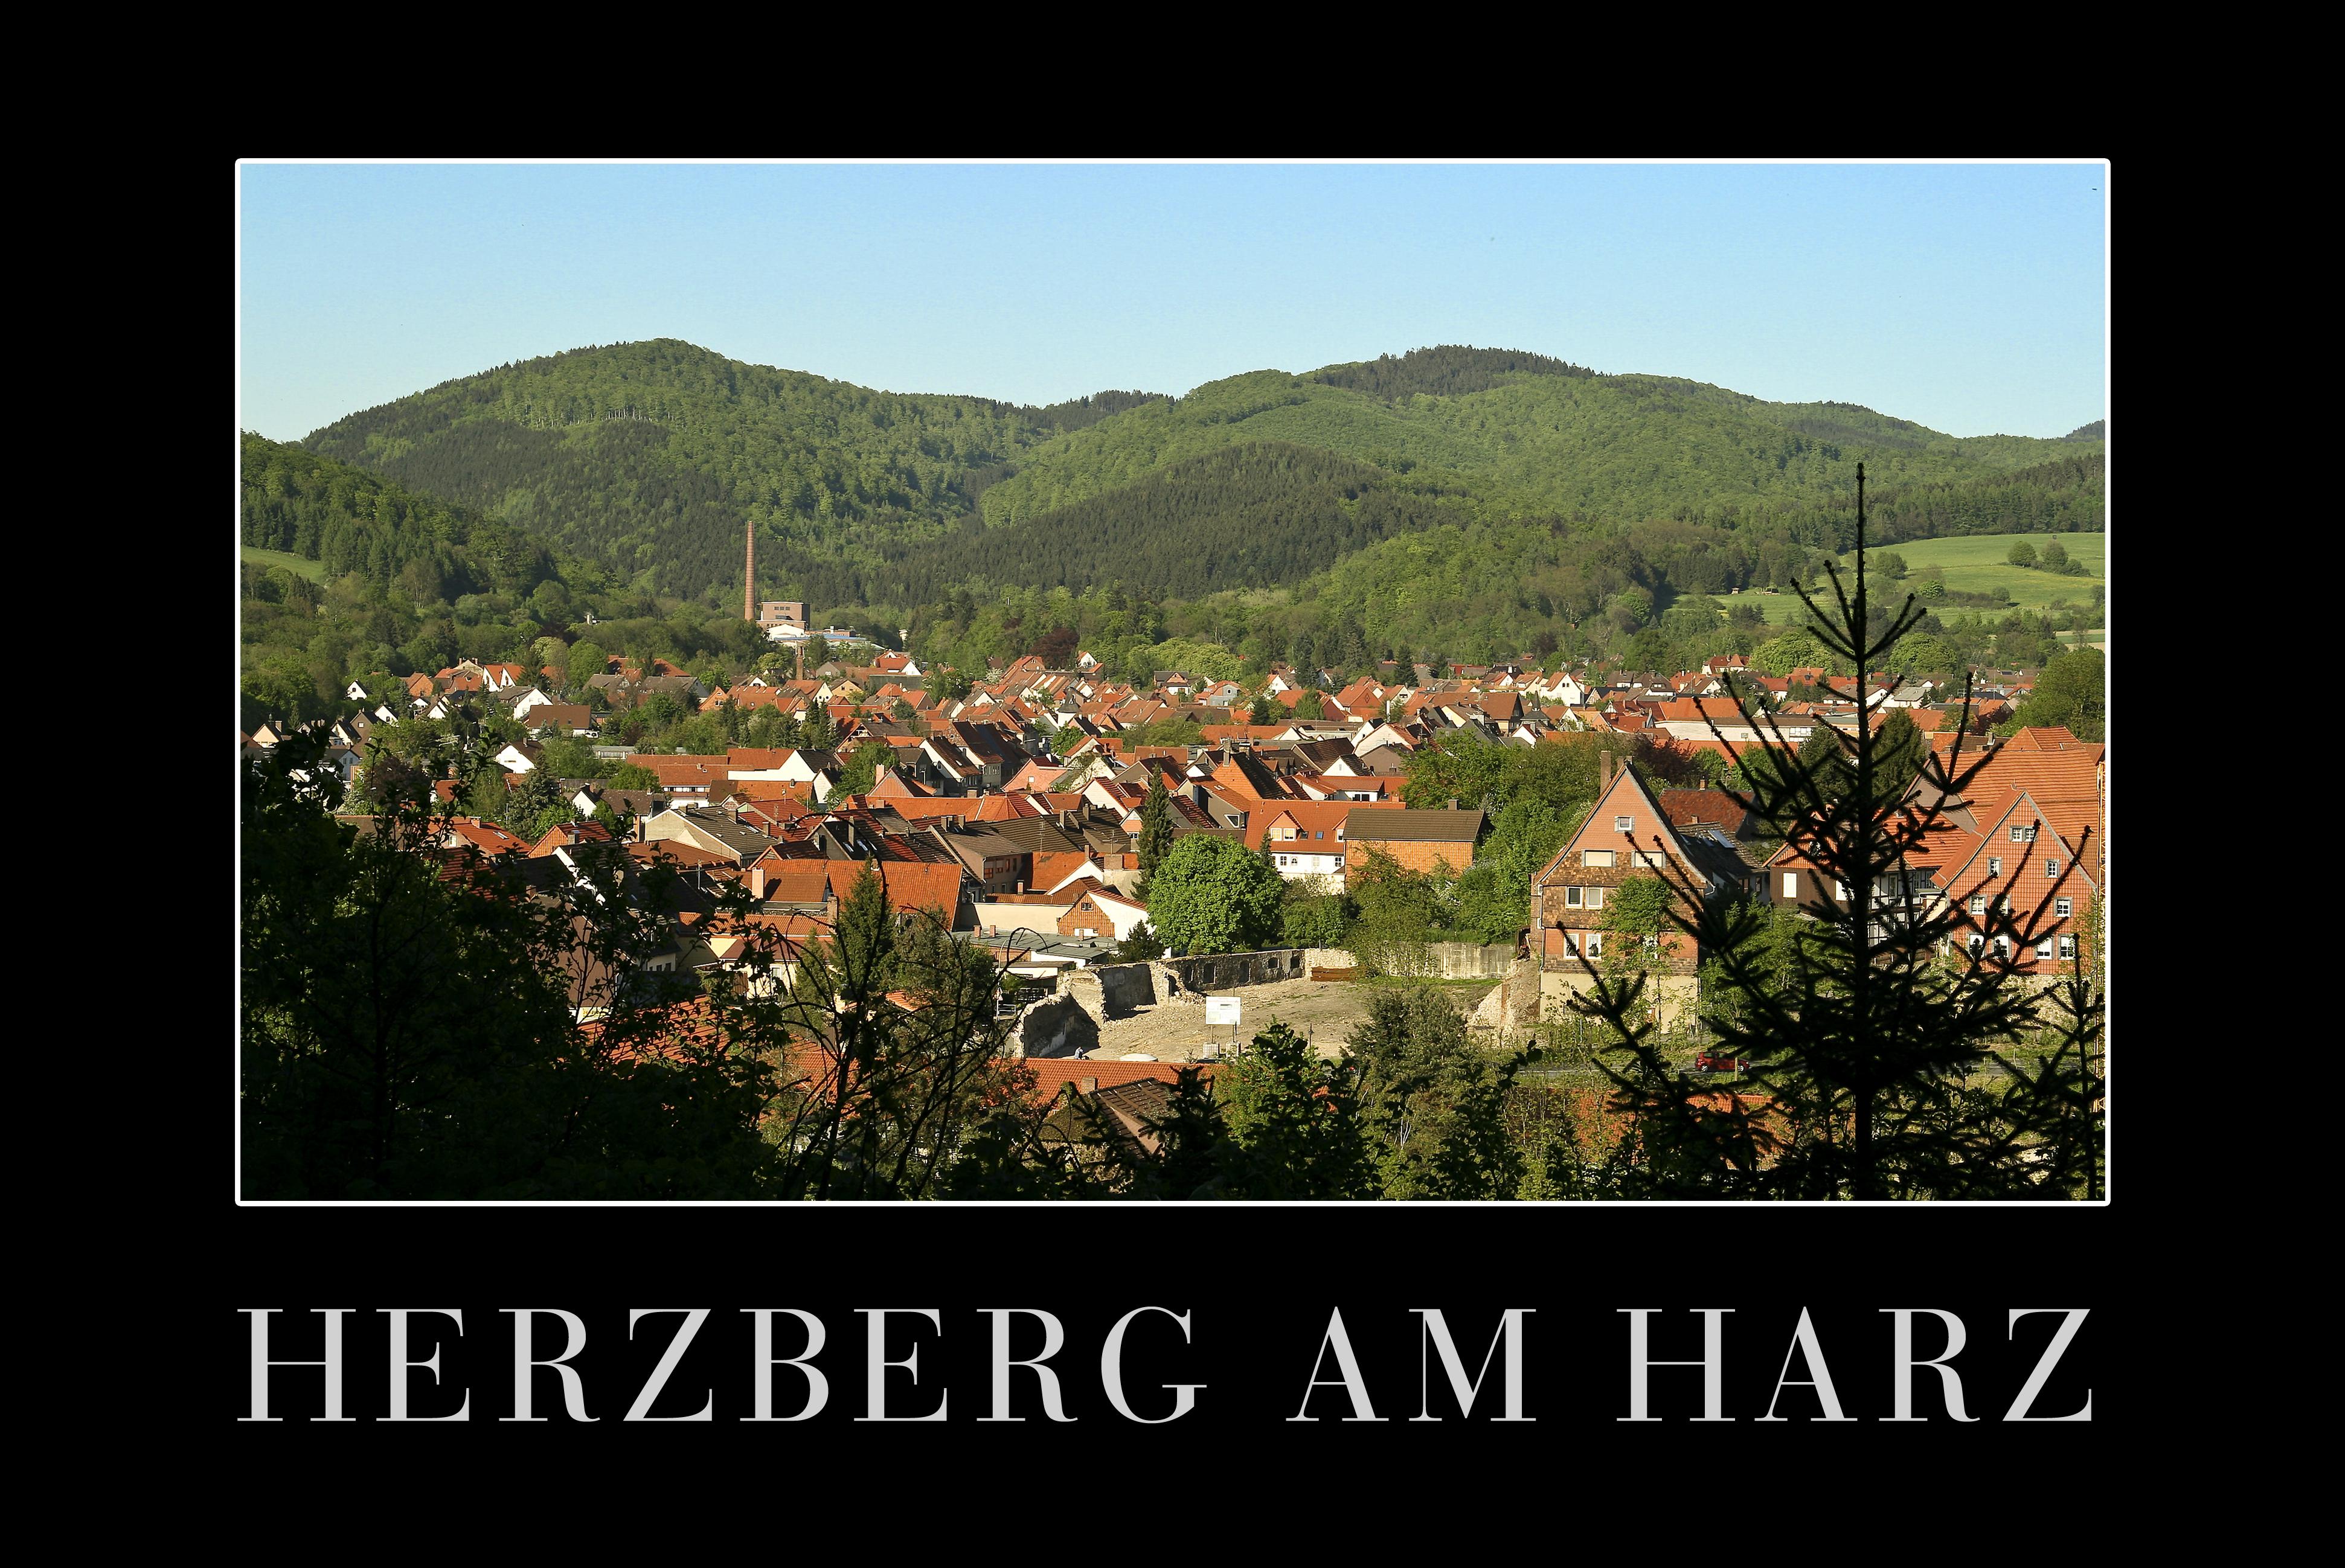 sexygralvdieo Herzberg am Harz(Lower Saxony)